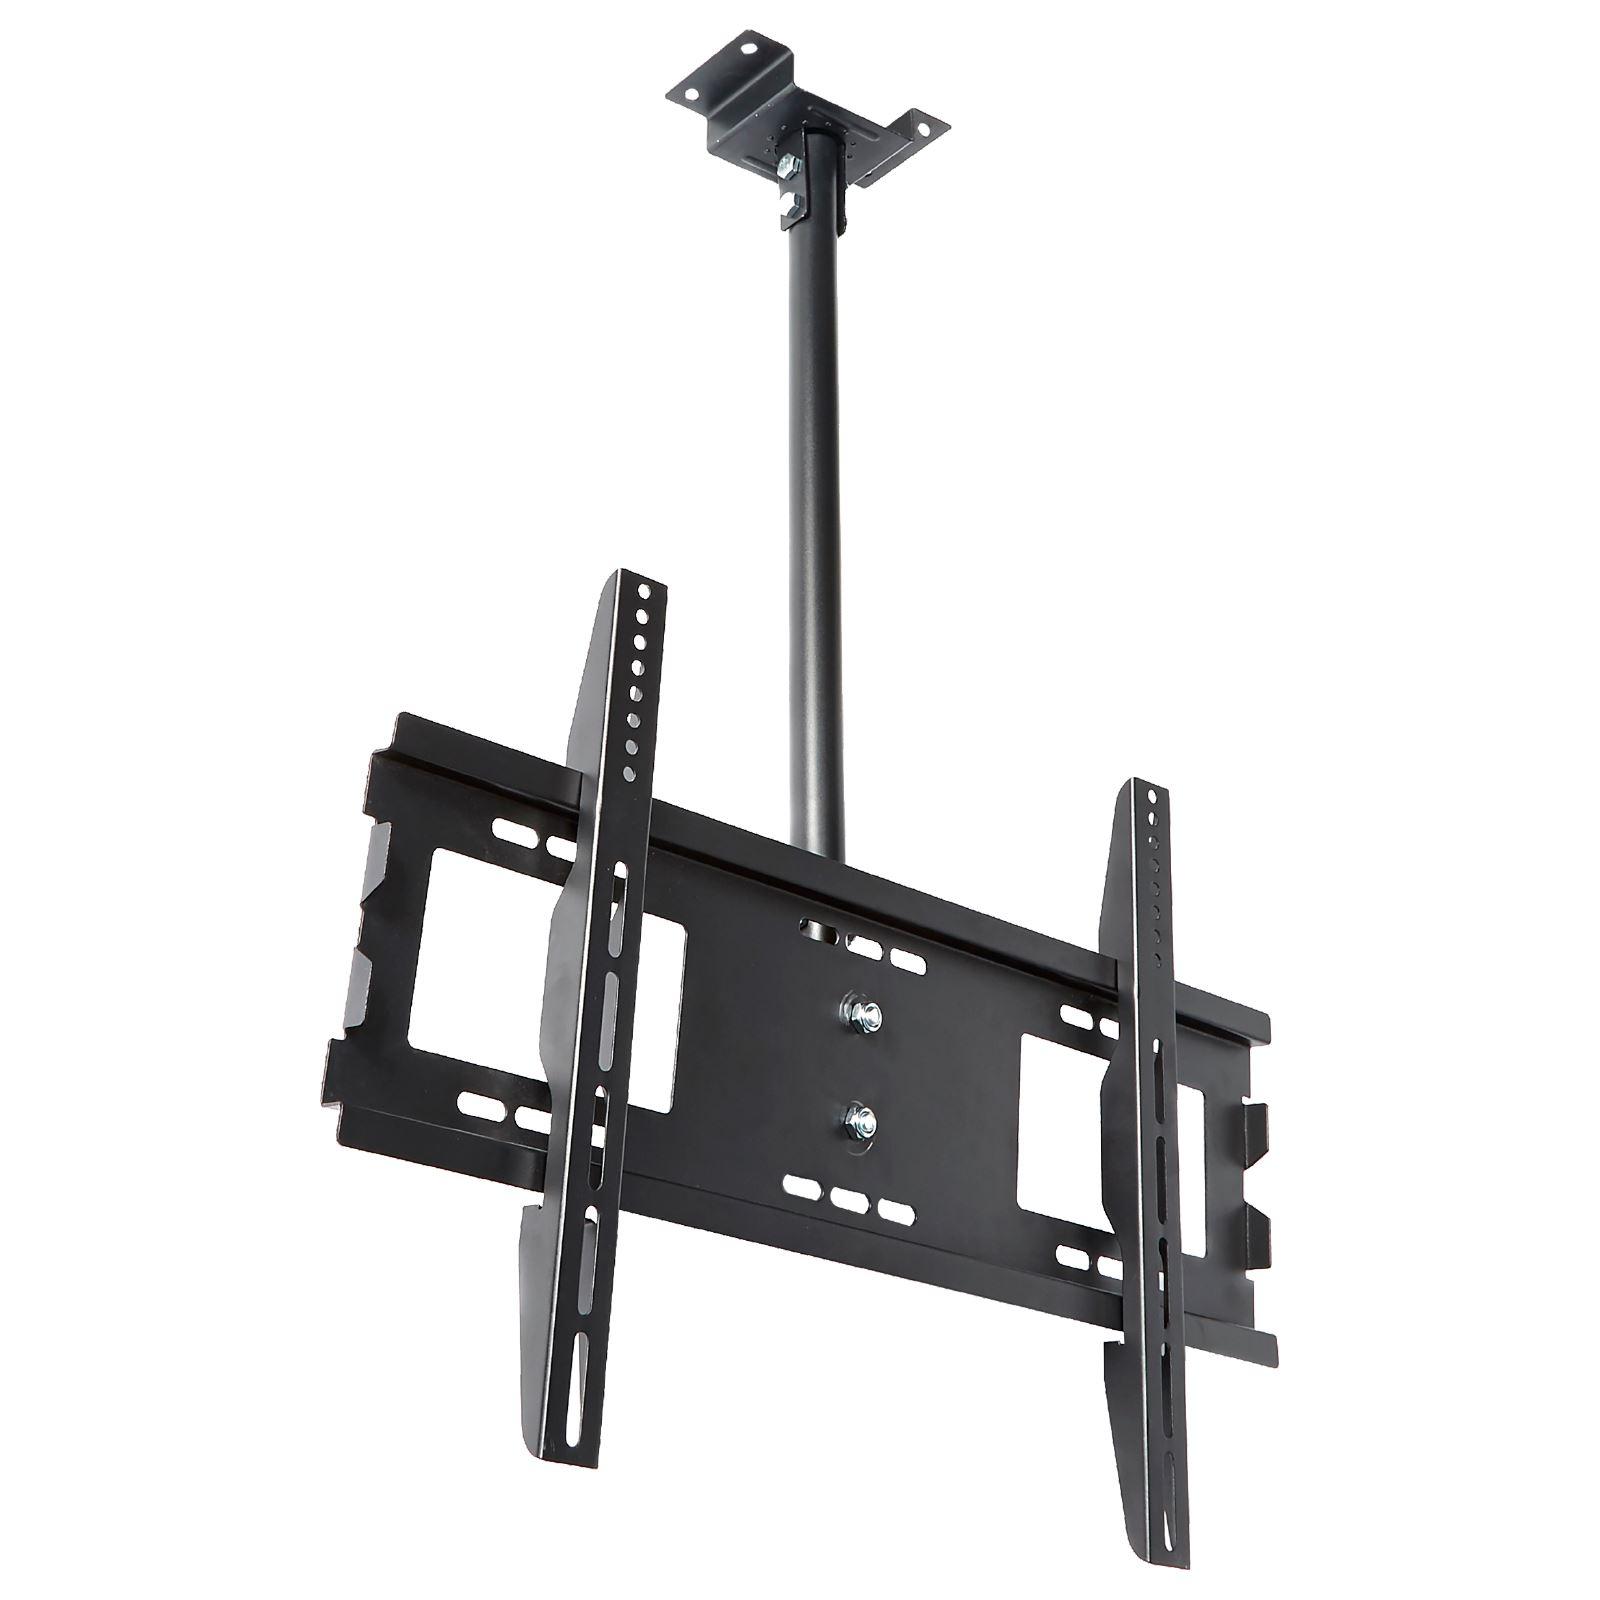 tilt fixed wall tv bracket mount lcd led slim 26 32 40 42 46 48 50 55 60 65 70 ebay. Black Bedroom Furniture Sets. Home Design Ideas